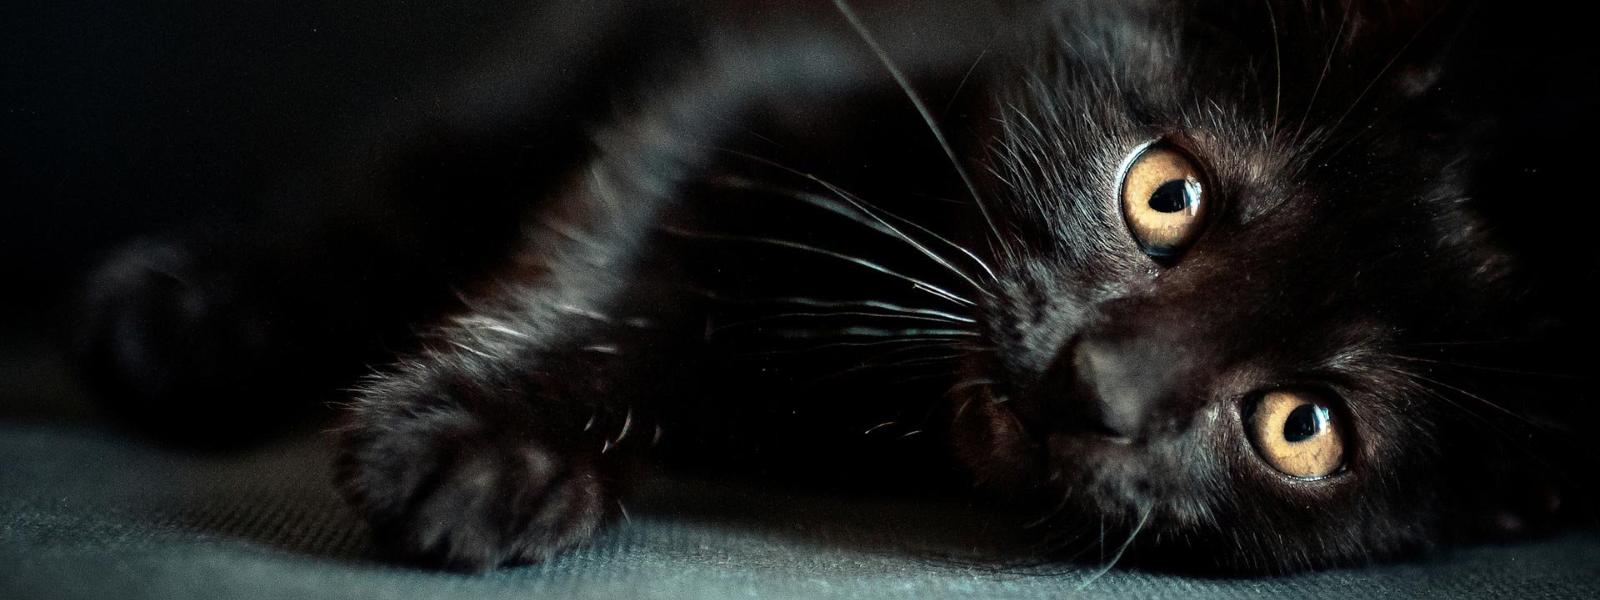 Scaretober: Kitten Edition